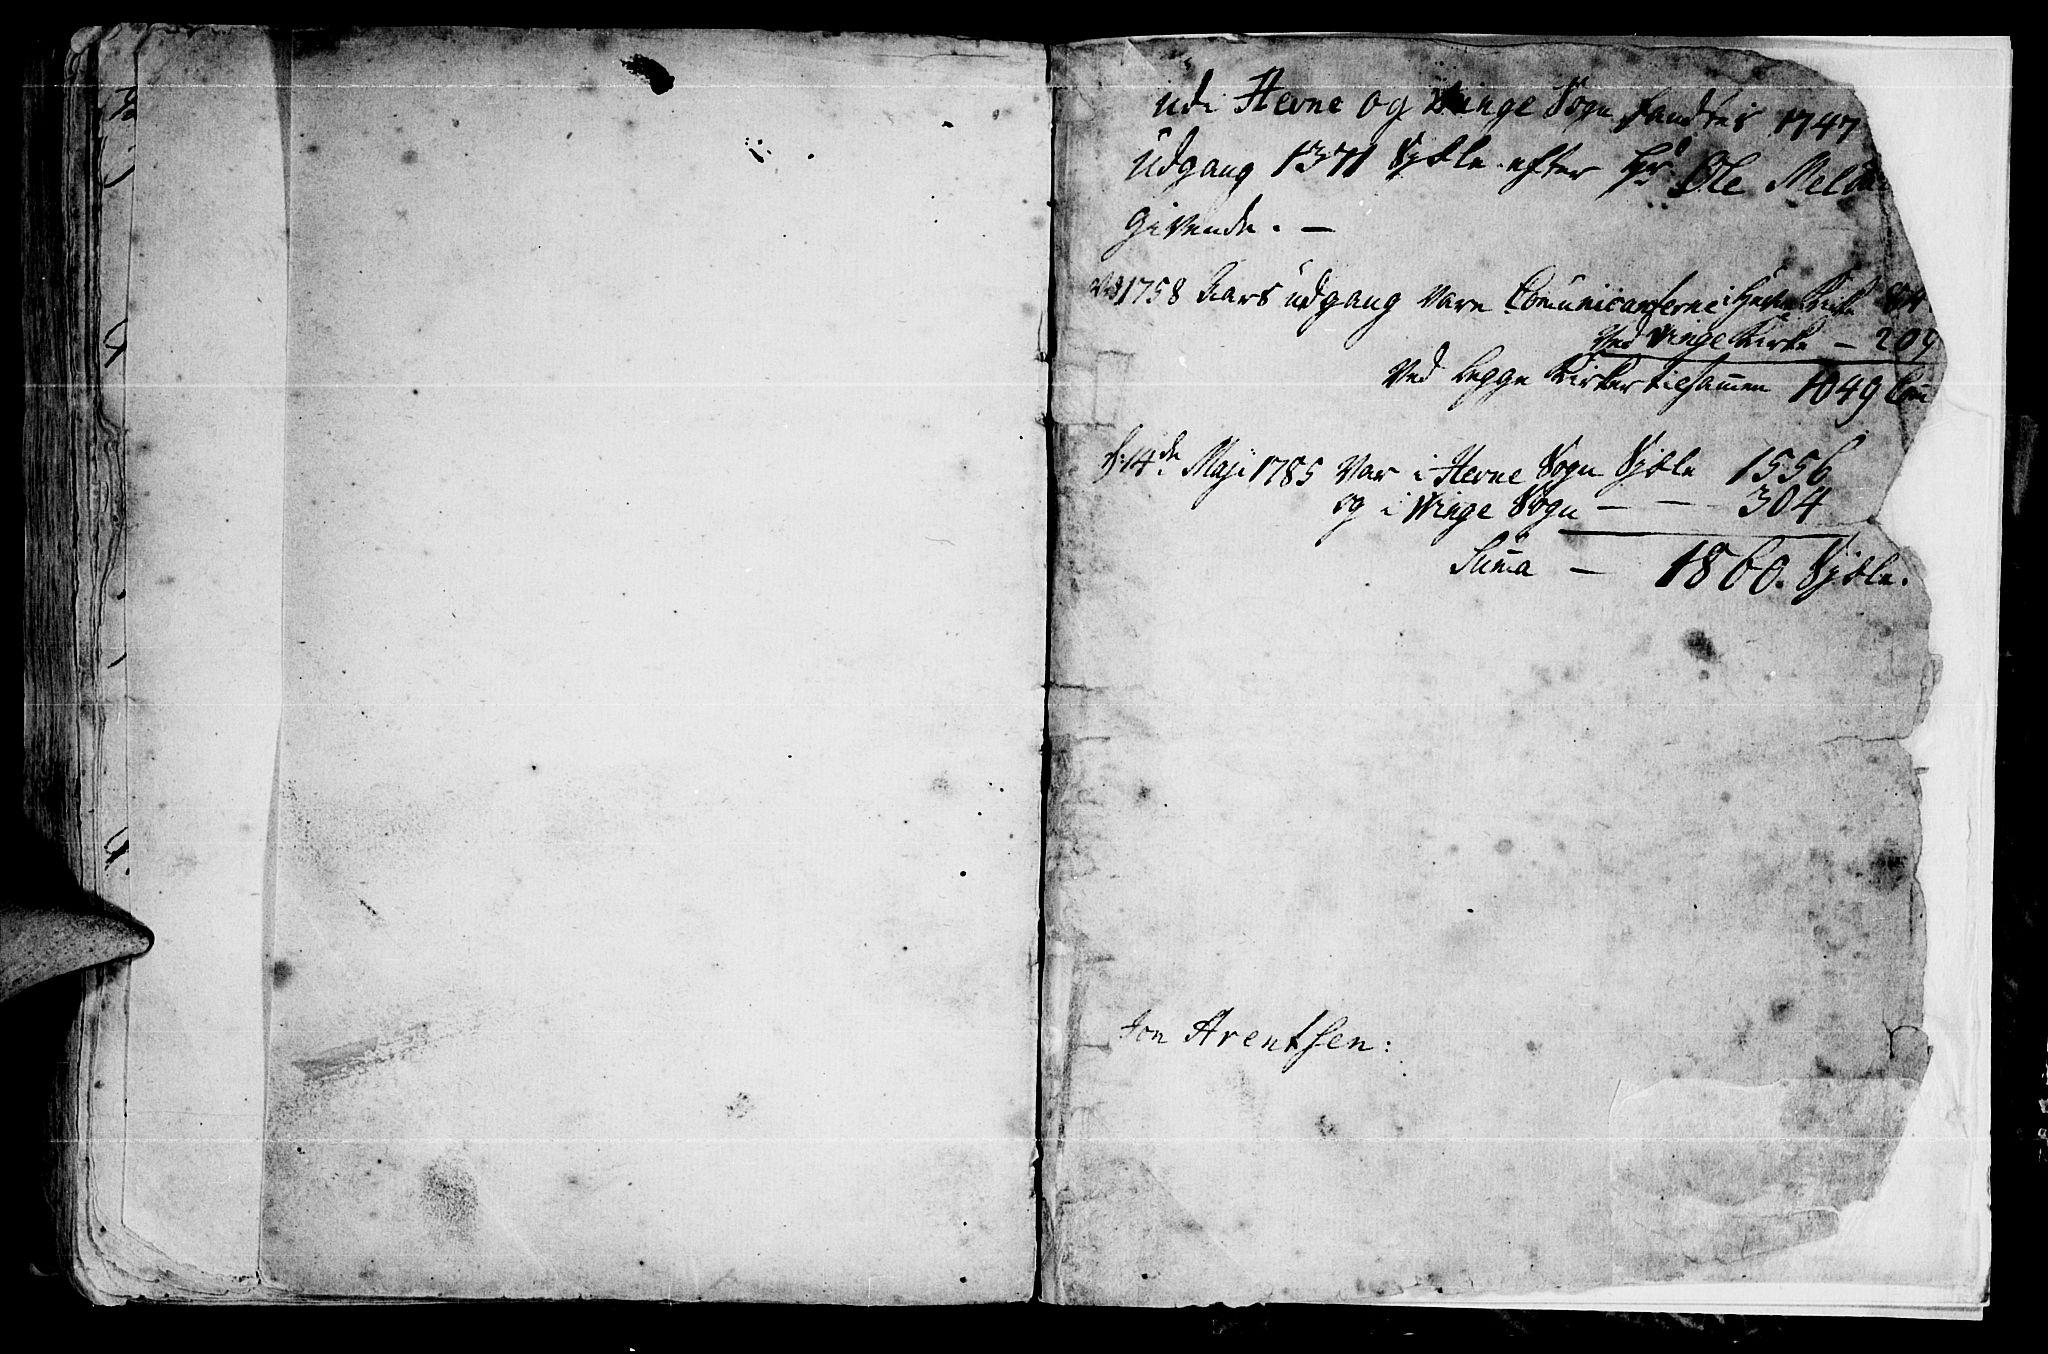 SAT, Ministerialprotokoller, klokkerbøker og fødselsregistre - Sør-Trøndelag, 630/L0488: Ministerialbok nr. 630A01, 1717-1756, s. 276-277